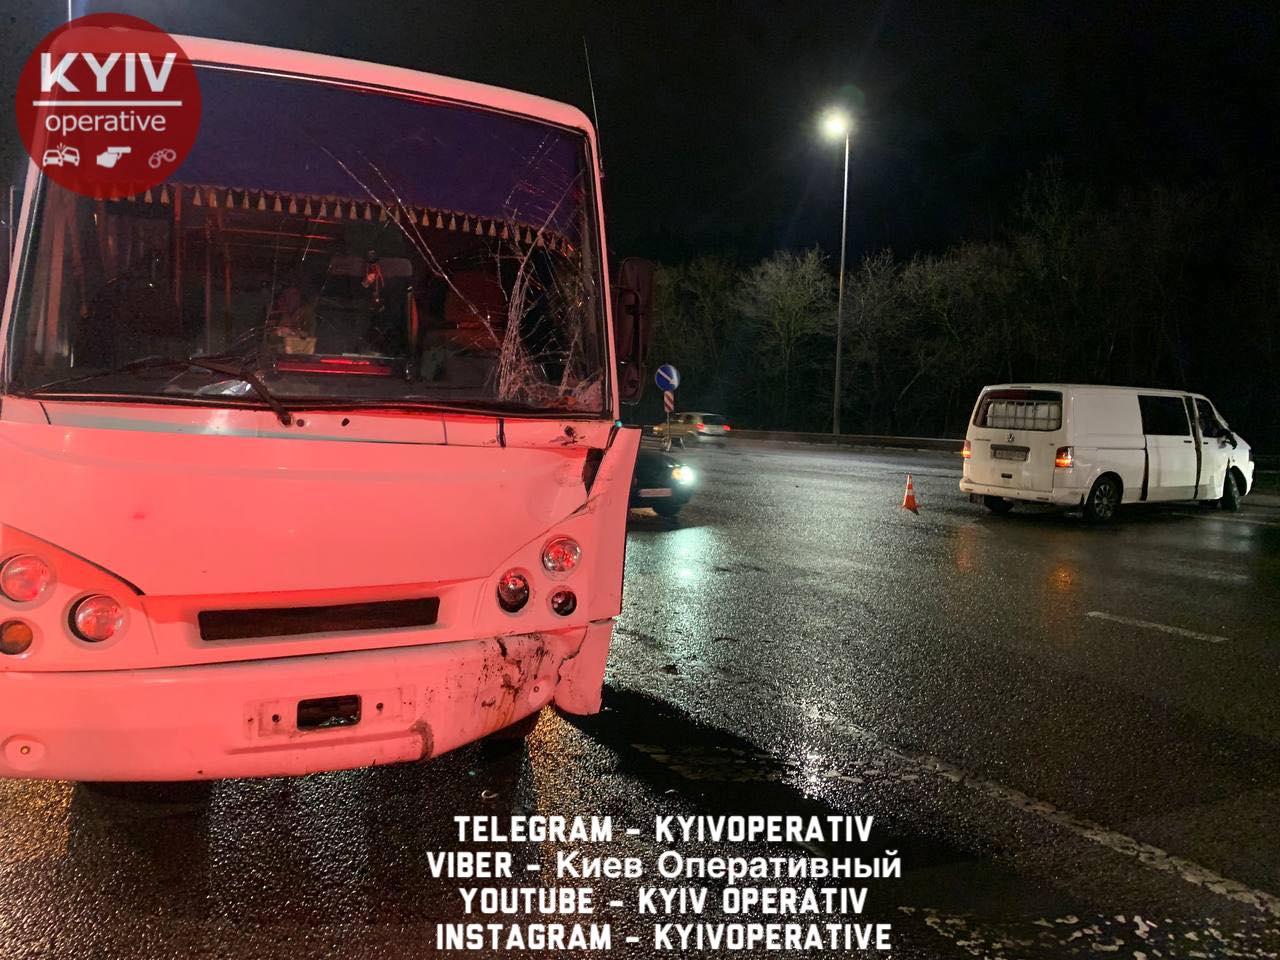 Мікроавтобус врізався у маршрутку: аварія на Житомирській трасі -  - 146113097 1194511240944960 2439601001003777988 o